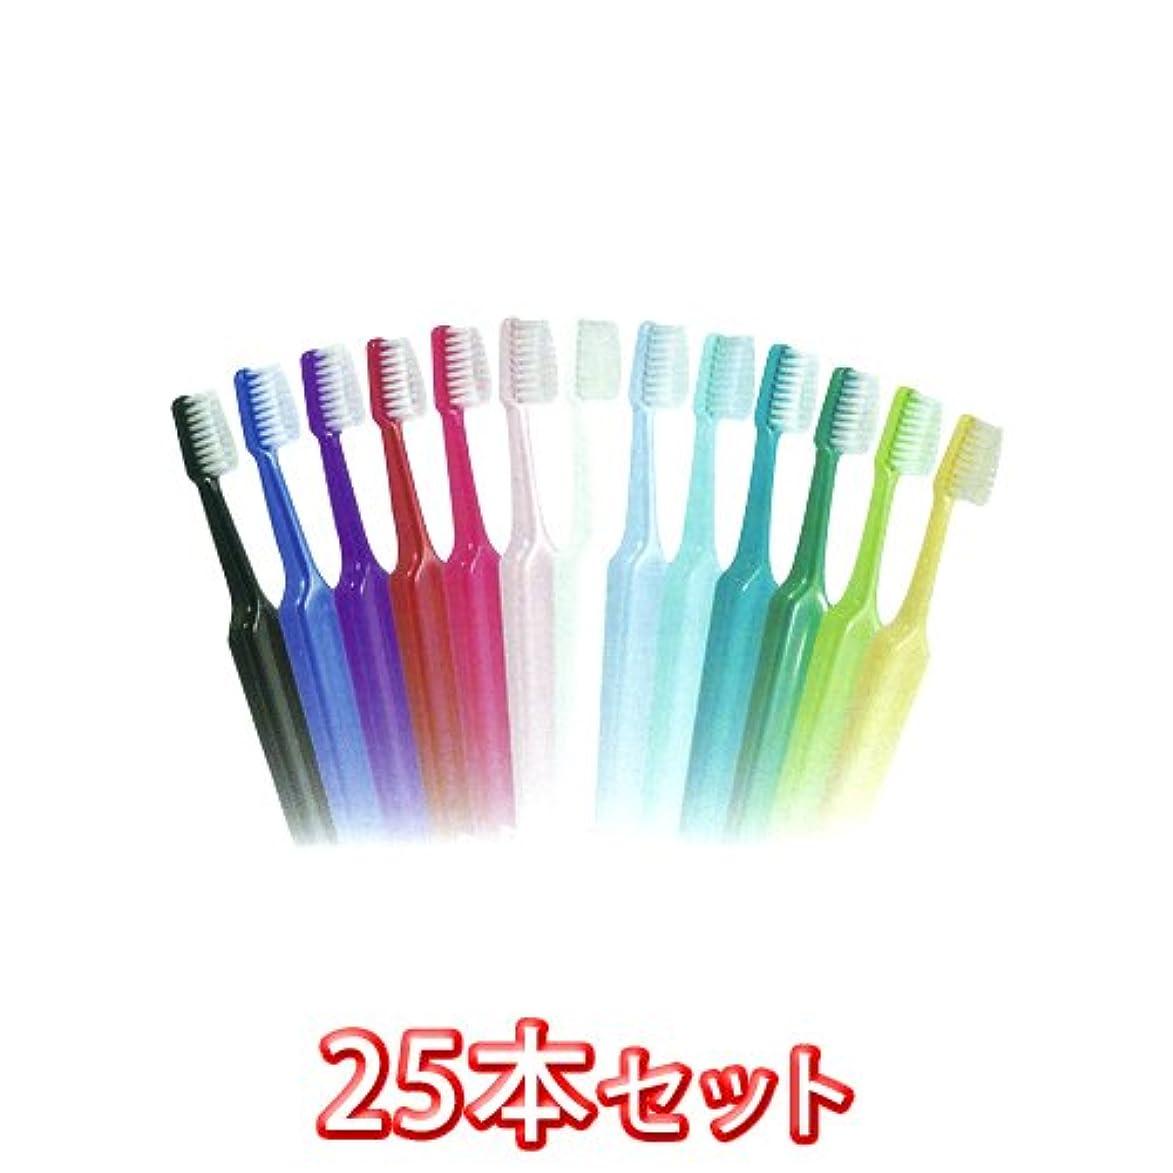 シンク水没暴力的なクロスフィールド TePe テペ セレクトエクストラソフト 歯ブラシ 25本入